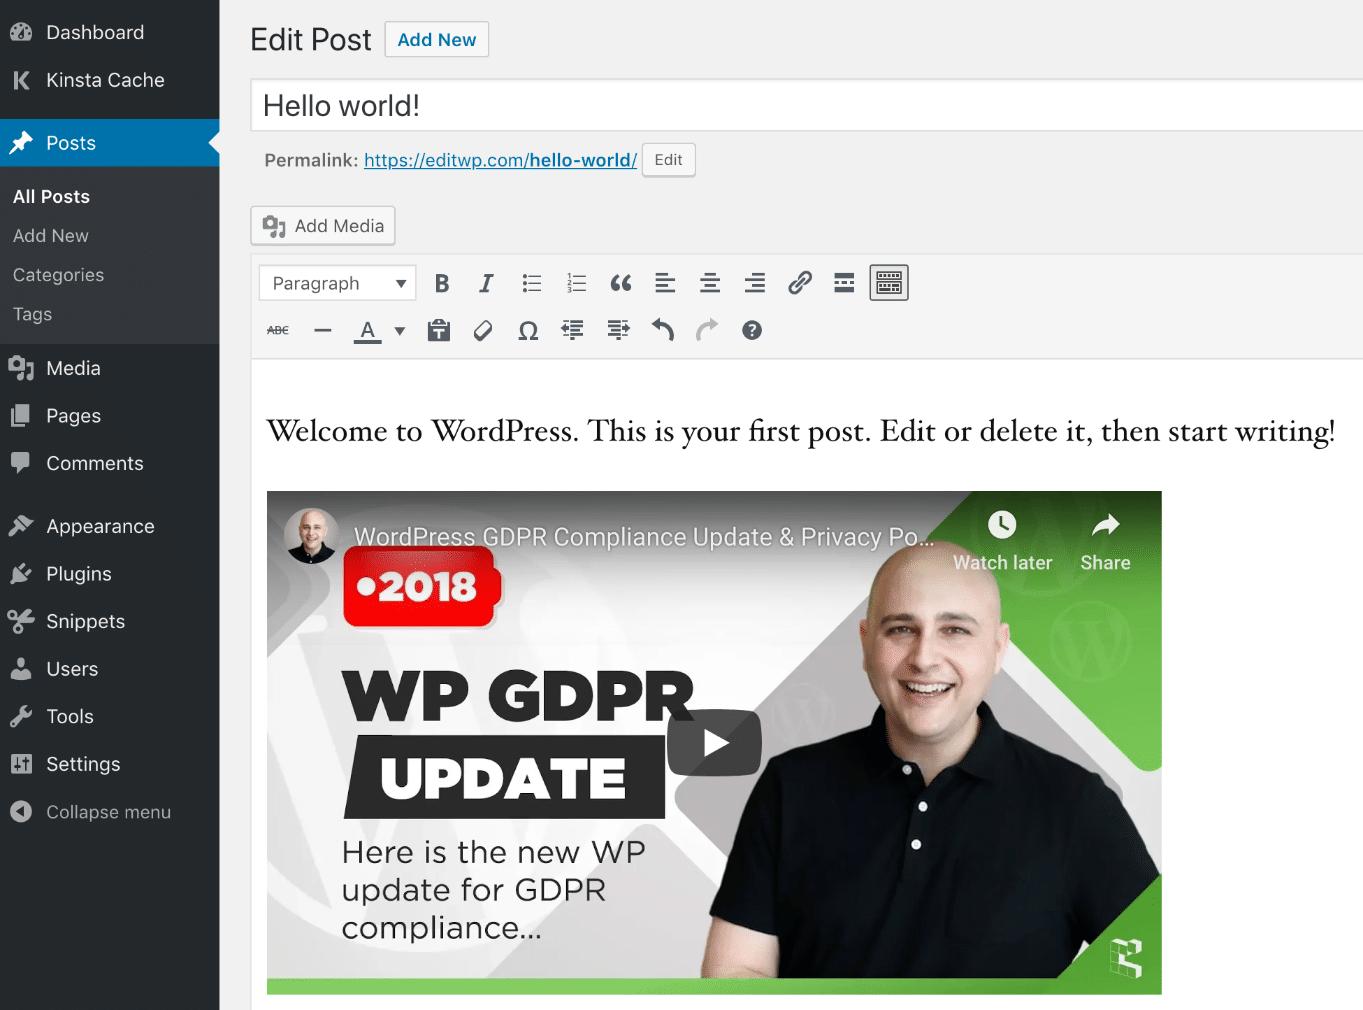 Incruste el vídeo de YouTube en el editor de WordPress